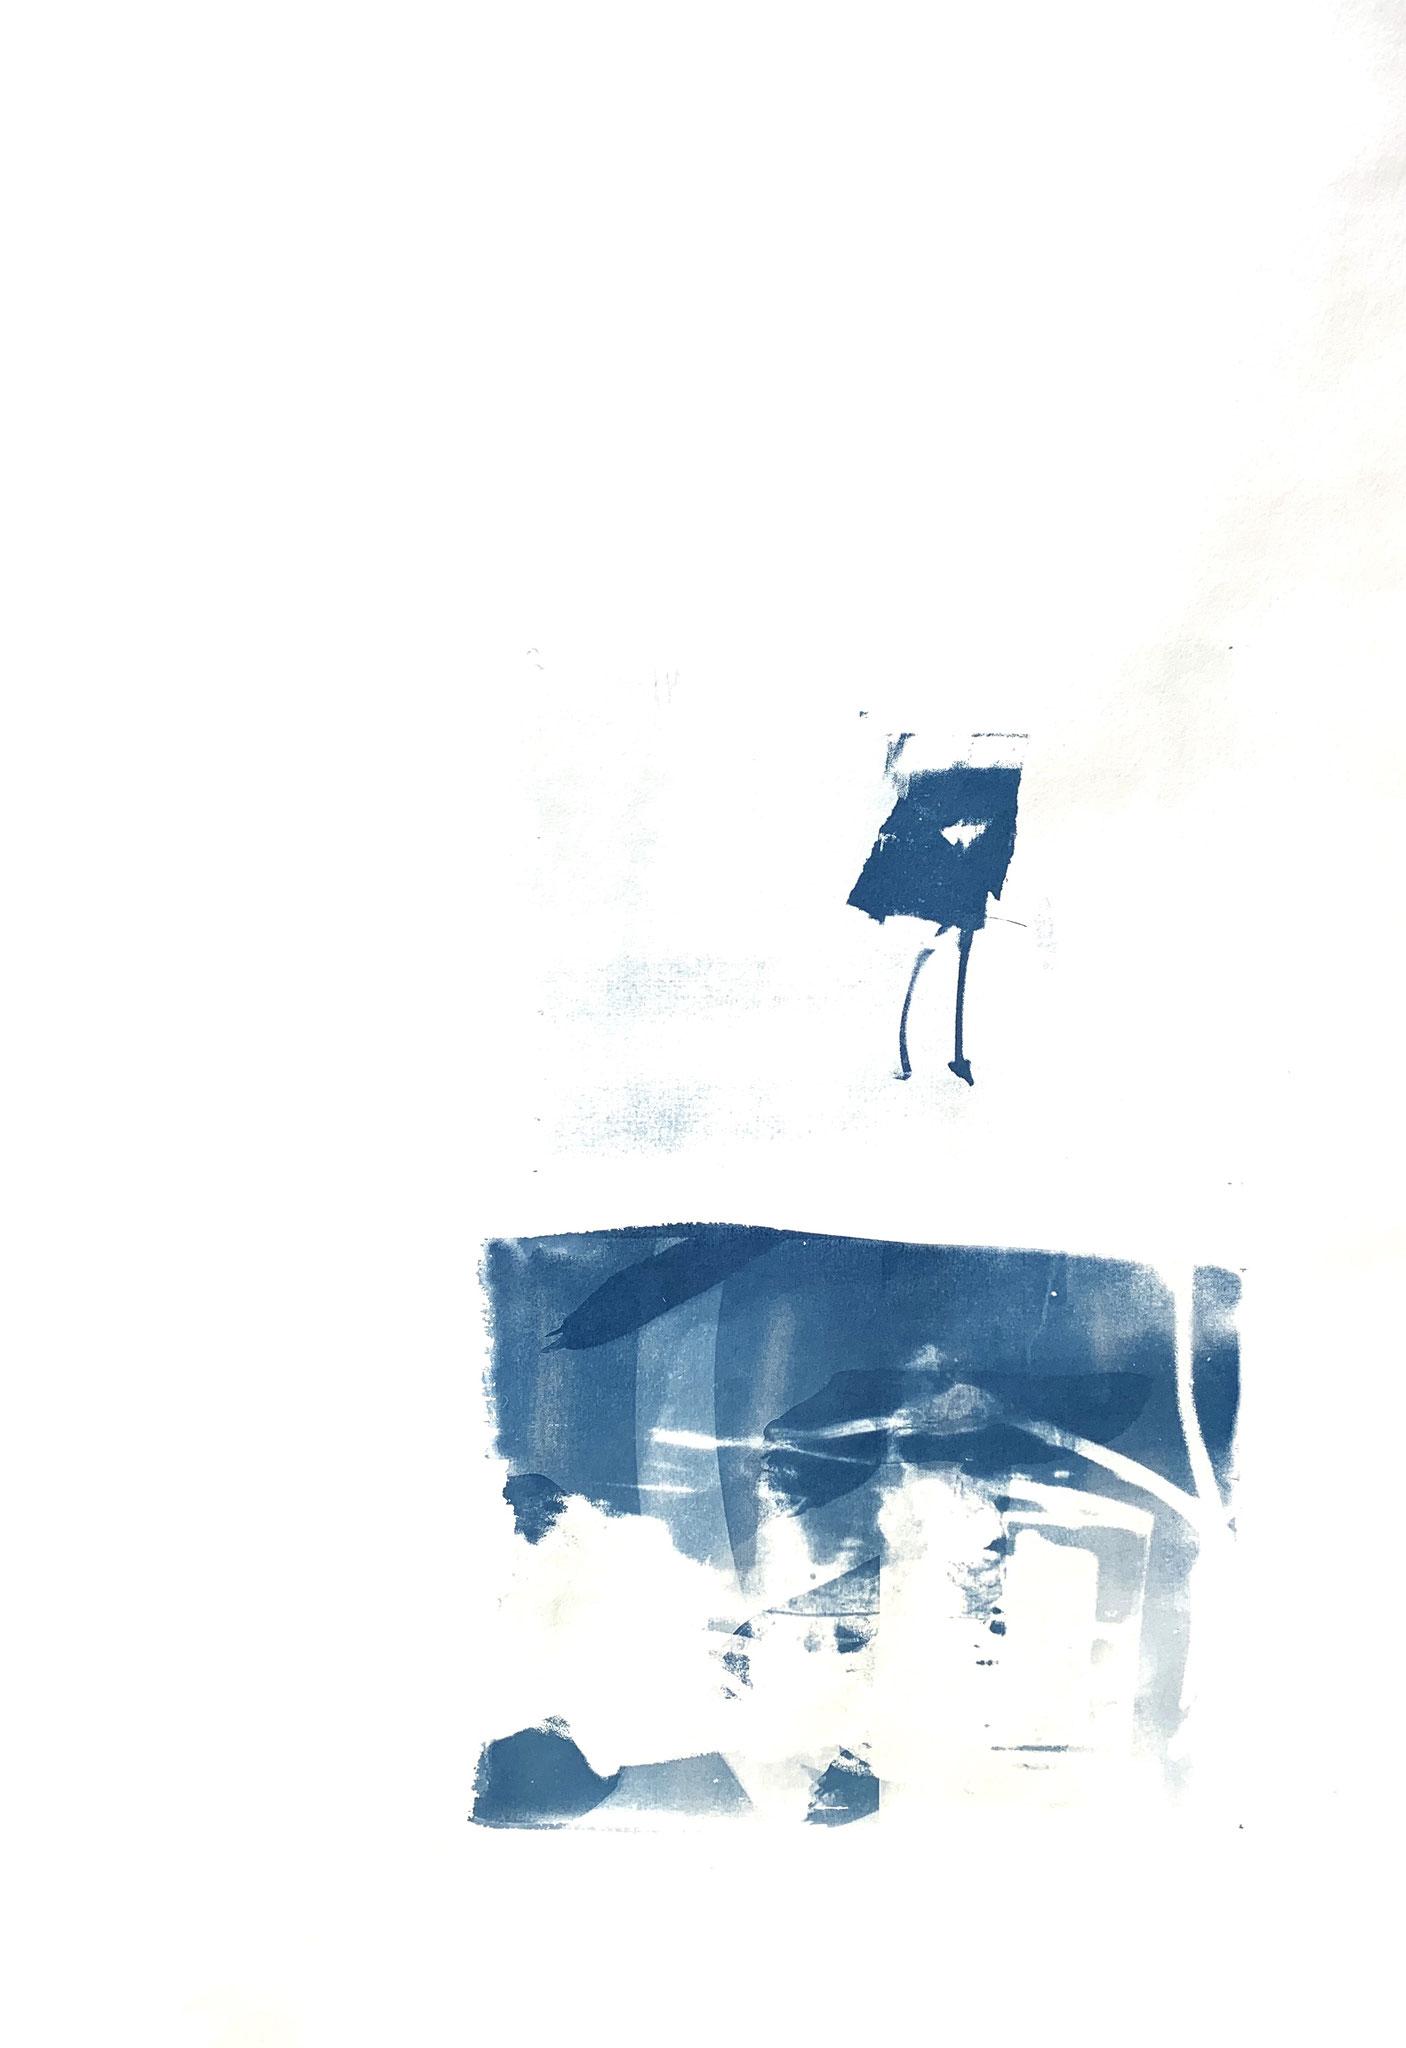 Gegenspieler, Cyanotypie, 50 x 70 cm,  2020